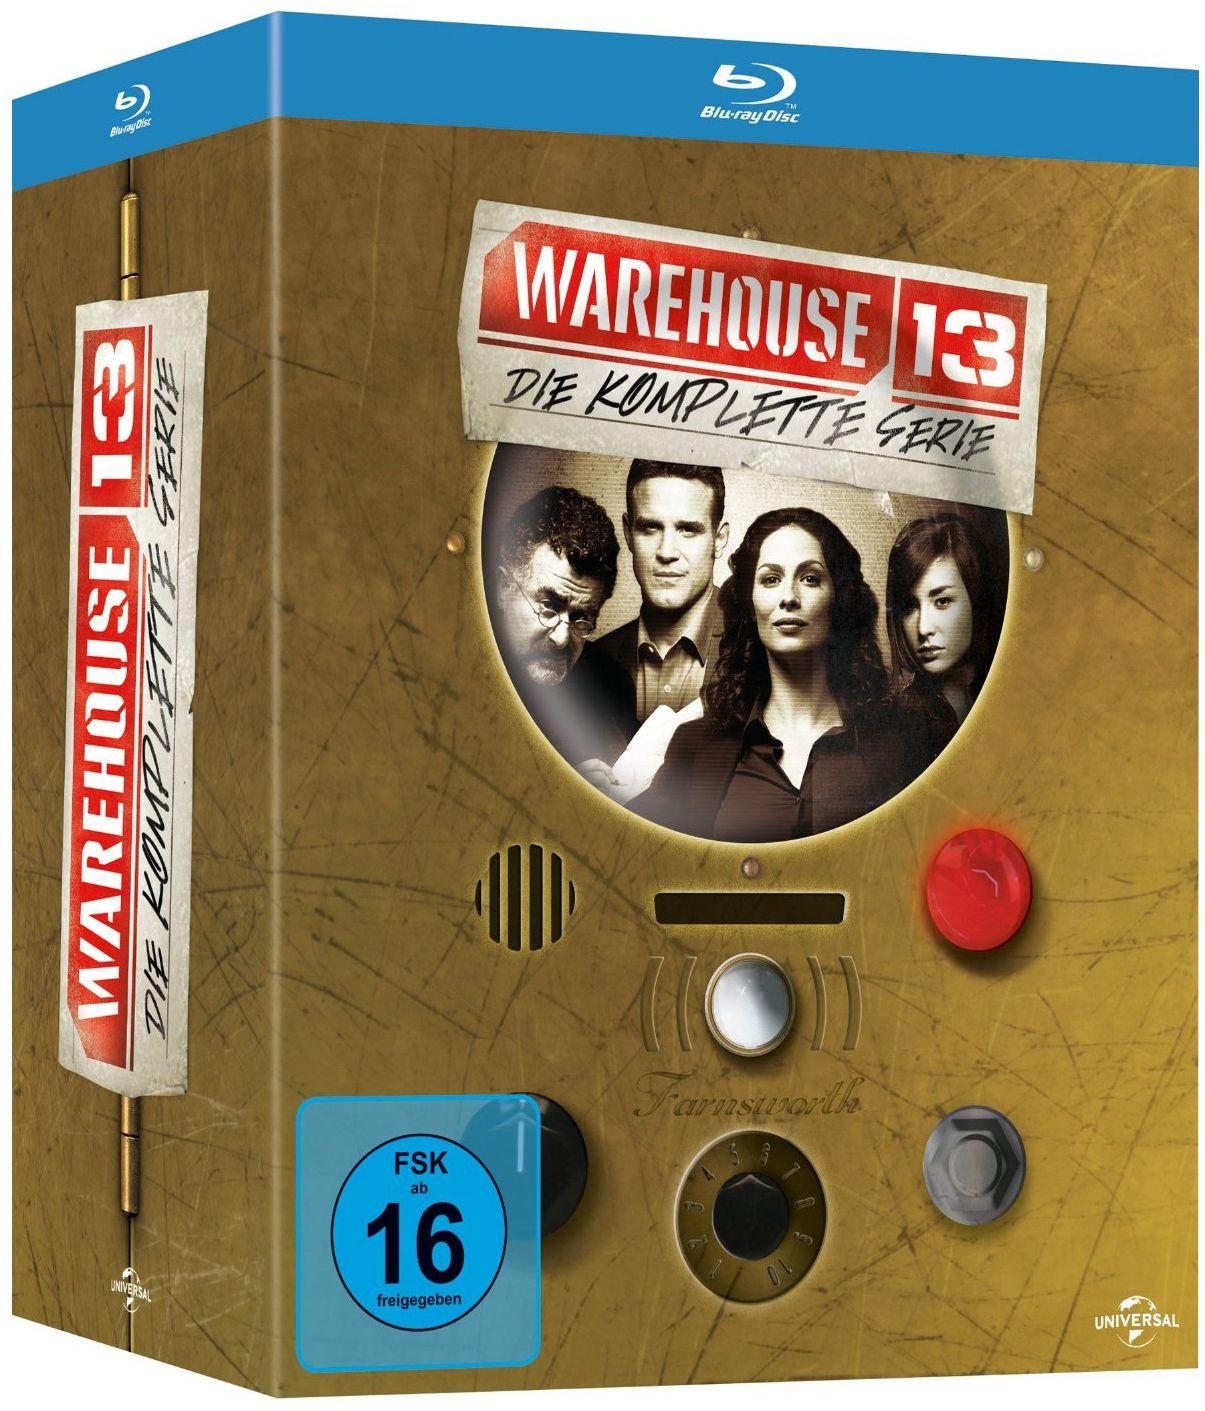 Warehouse 13 - Die komplette Serie (16 Discs) (BLURAY)